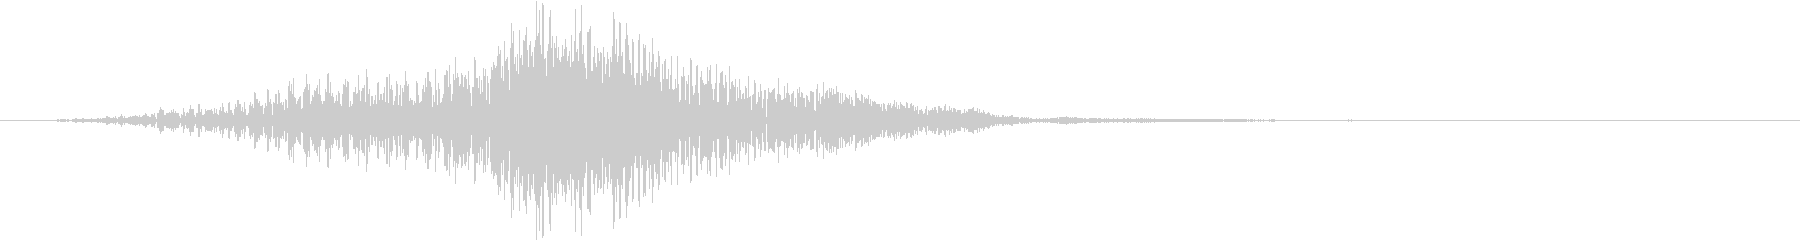 ホワン(SF ワープ音 起動音)の未再生の波形